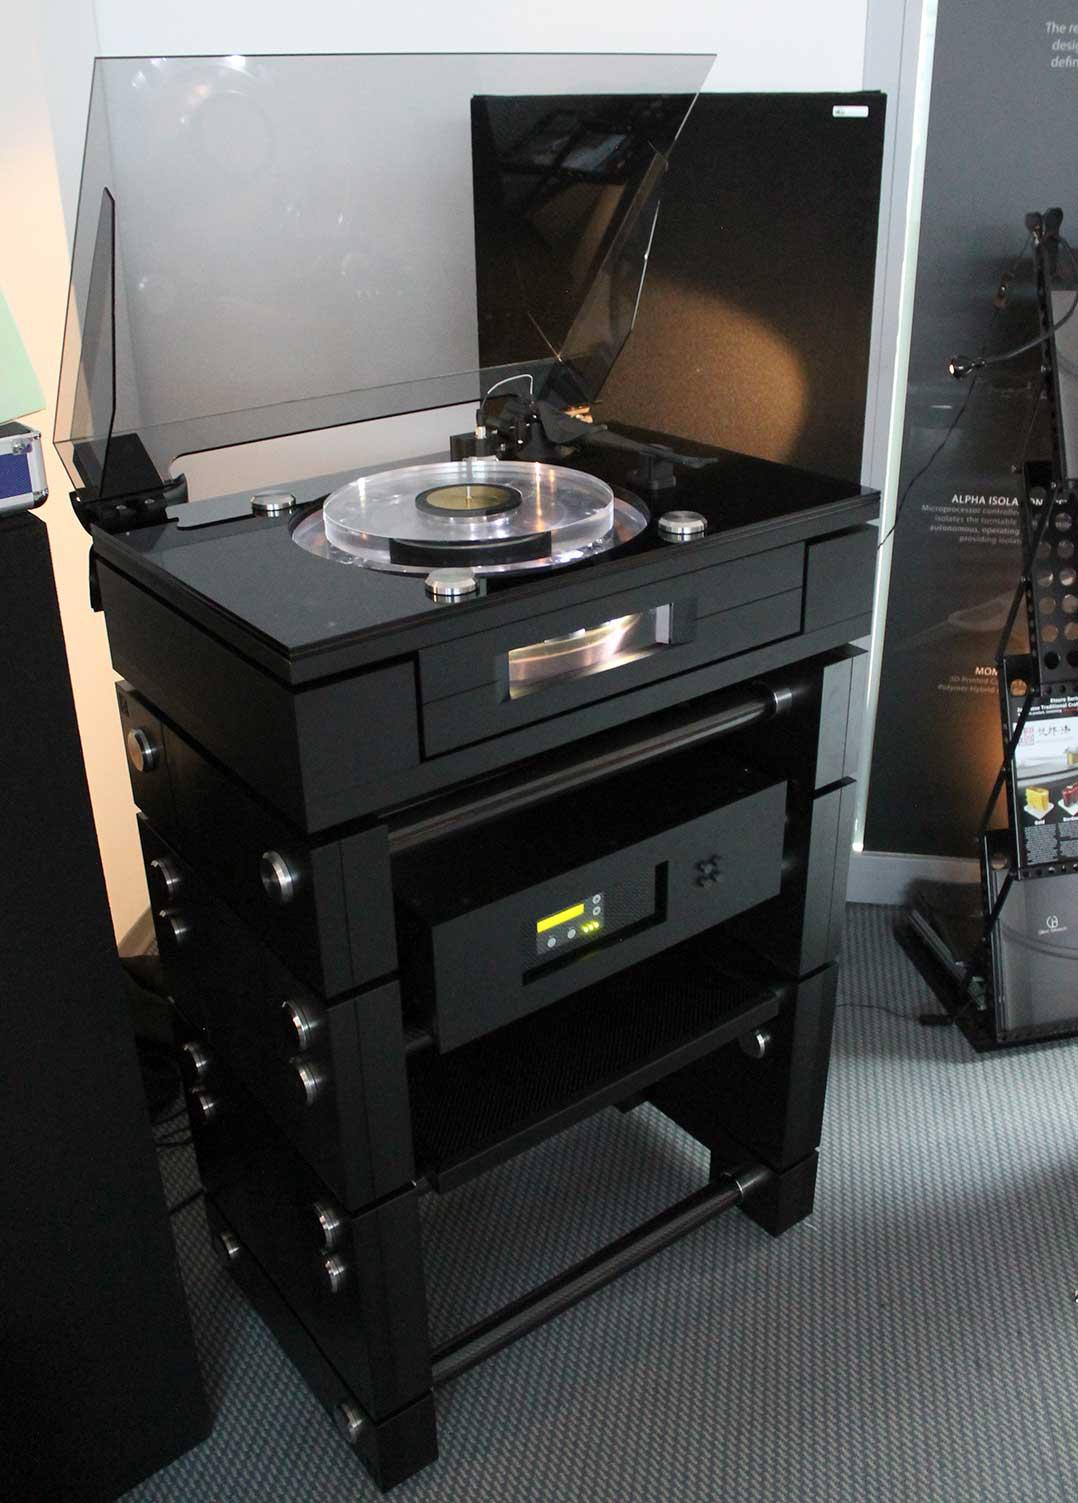 Wilson Benesch GMT-System